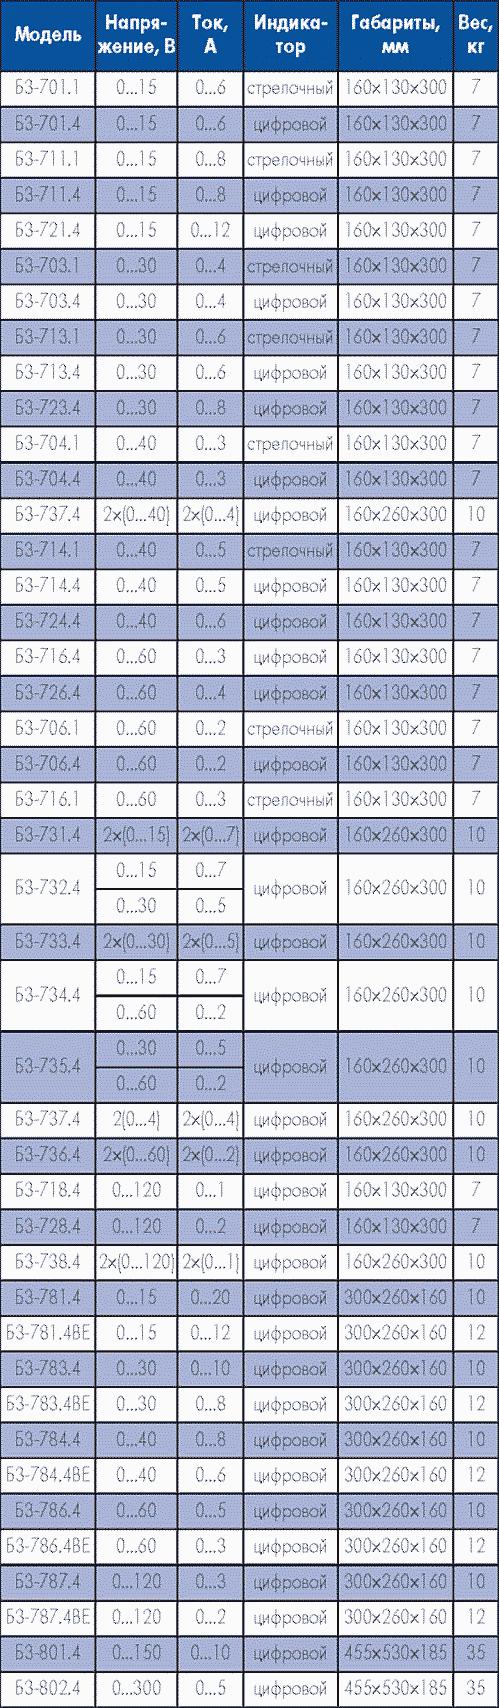 Таблица 2. Основные параметры регулируемых источников питания